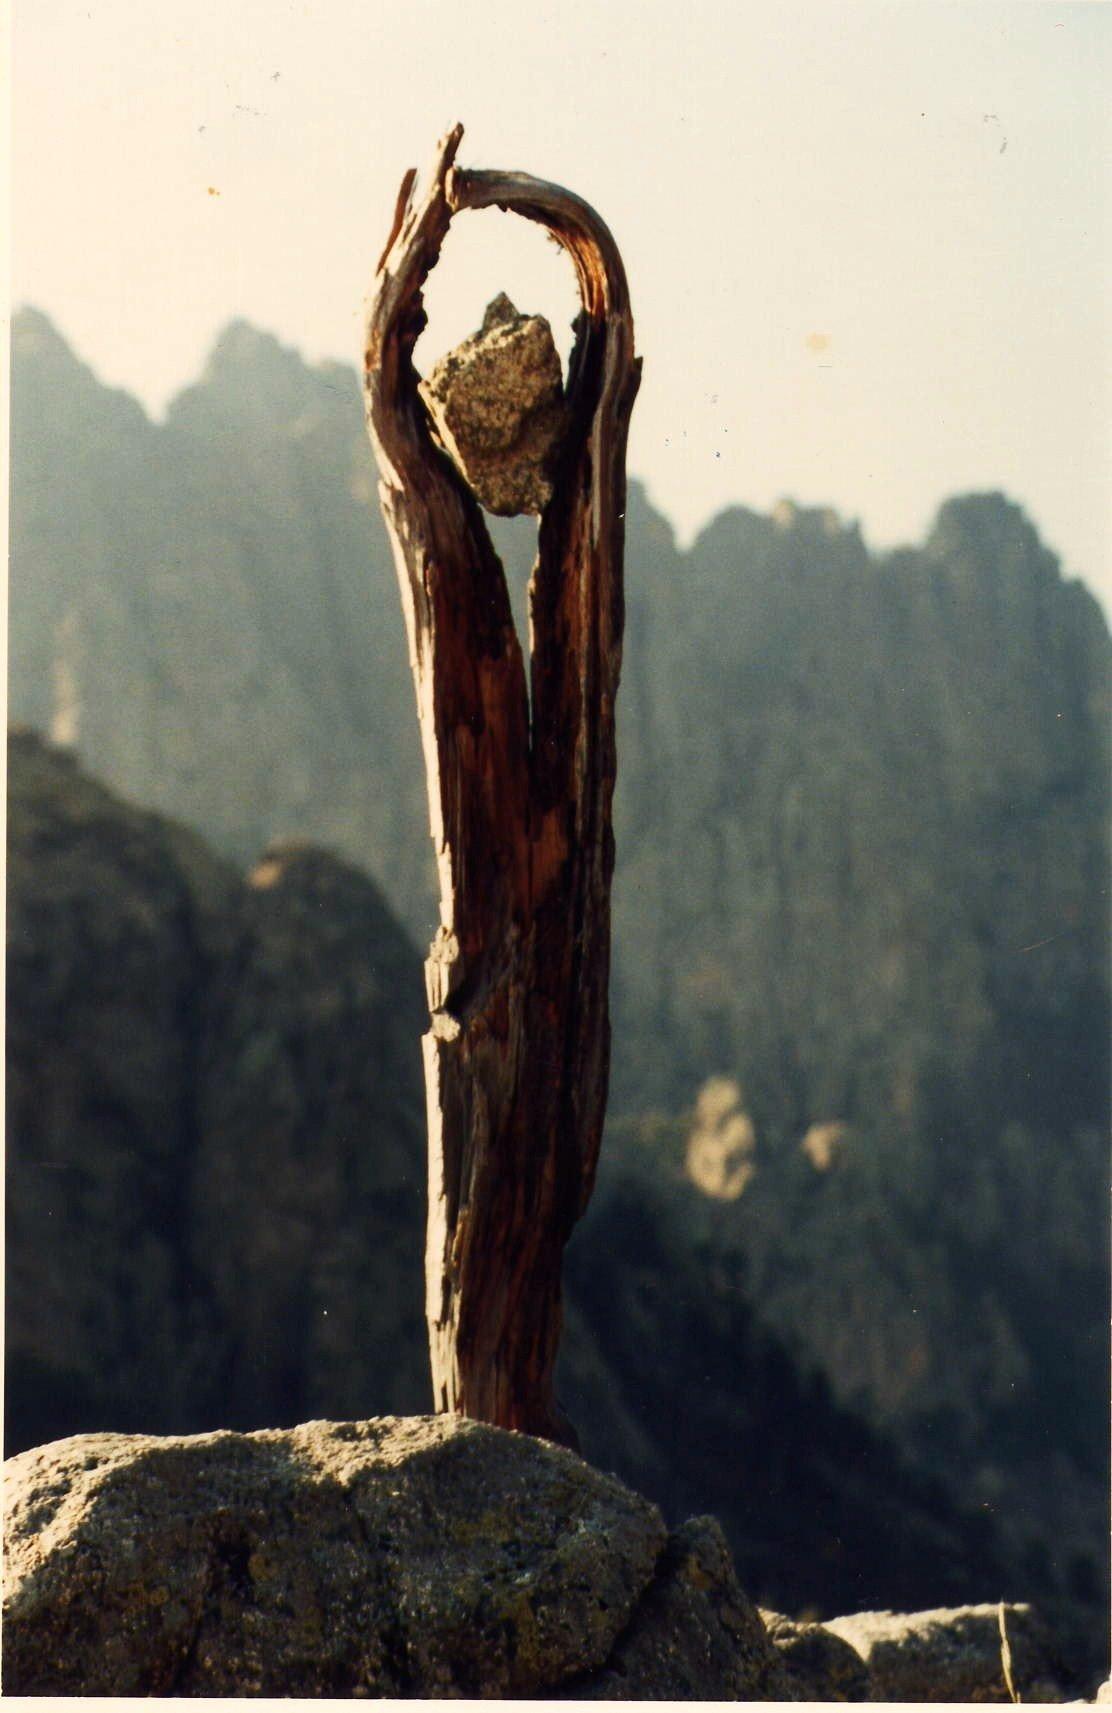 sculpture assemblage des restes d'une avalanche en Corse (pin laricio et pierre de granit) en arrière plan les aiguilles de Bavella